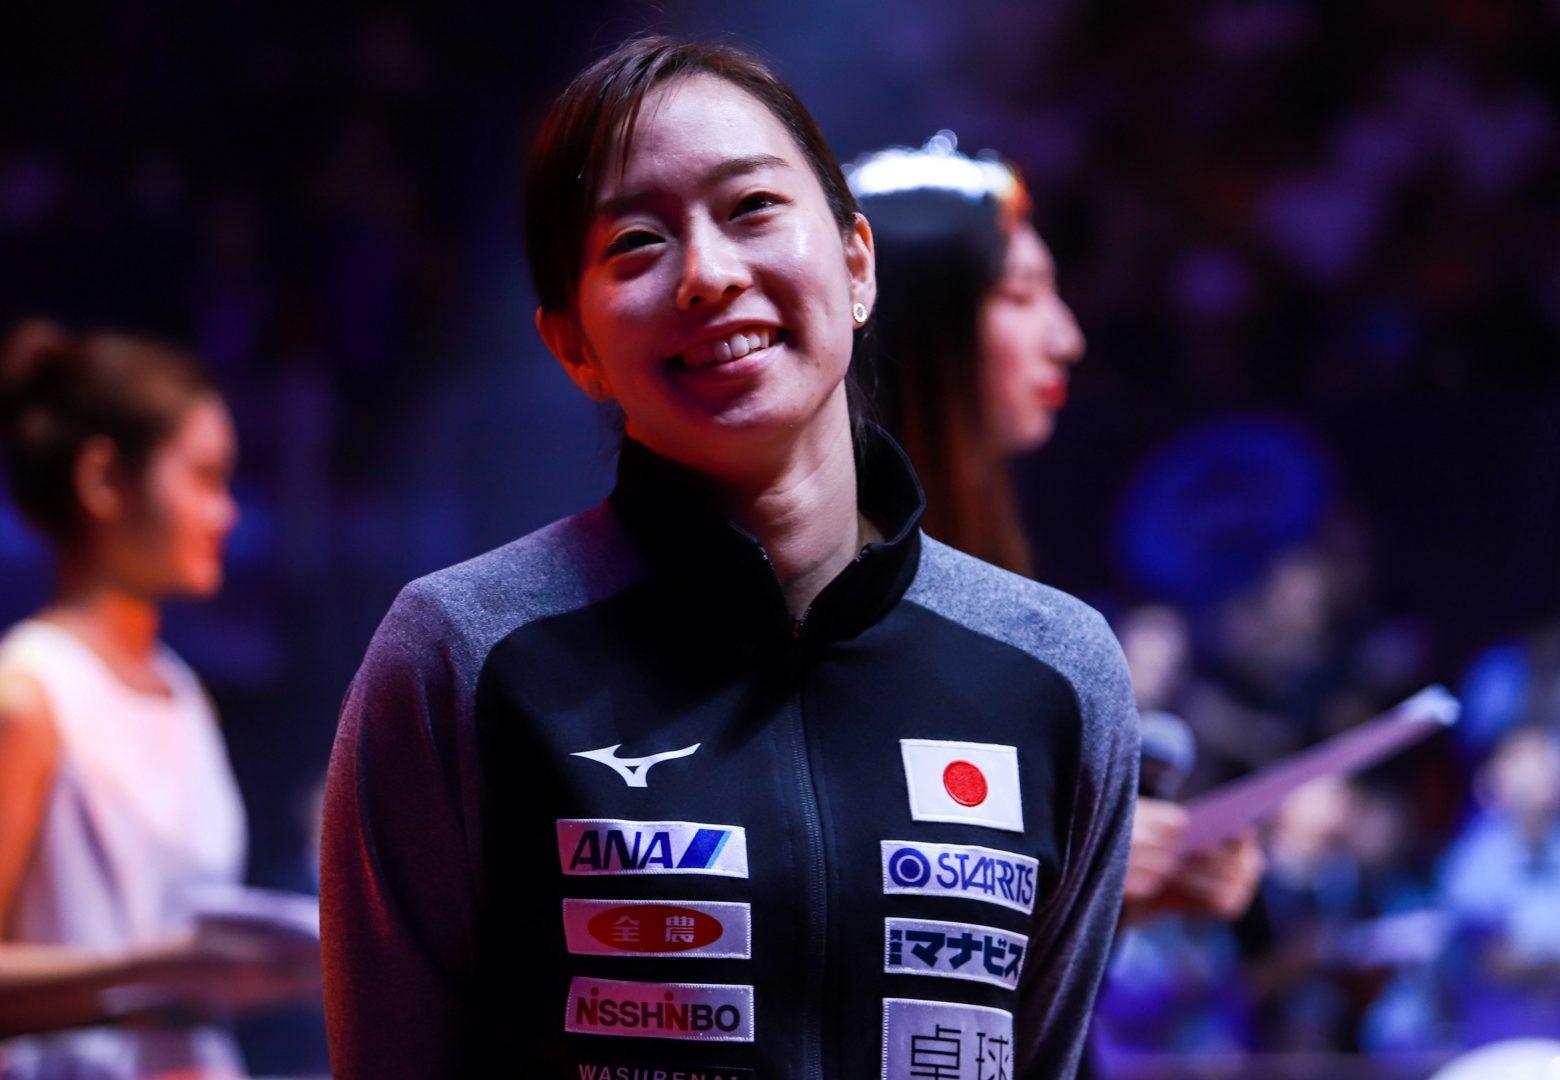 卓球・石川佳純、「結婚したいスポーツ選手」2位にランクイン